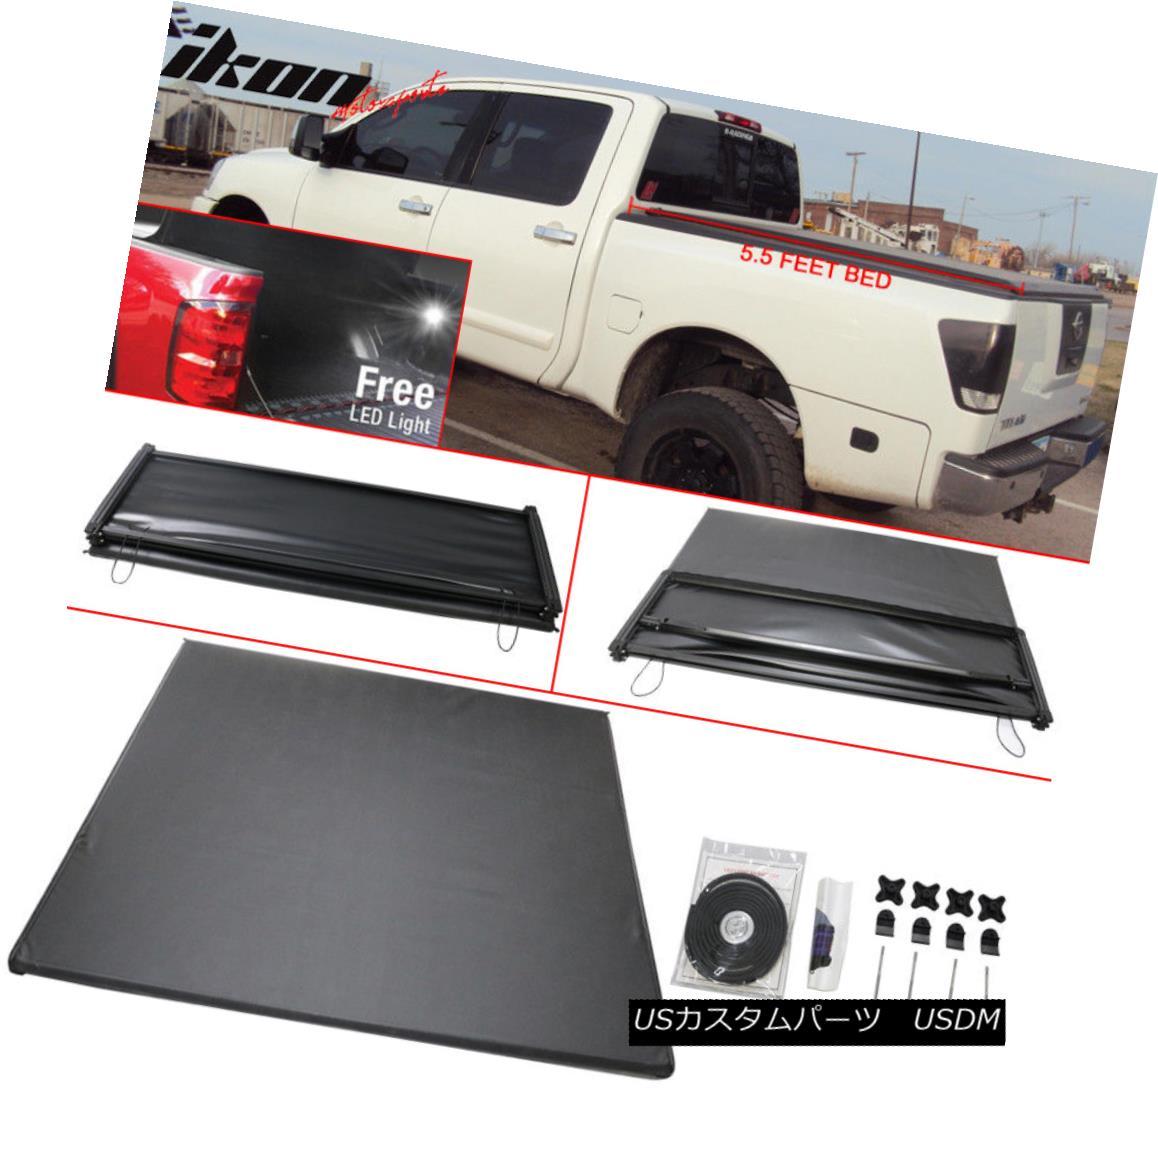 エアロパーツ For 04-15 Nissan Titan Crew Cab 5.5 feet Tri-Fold Soft Tonneau Cover Black 04-15日産タイタンクルーキャブ5.5フィートトライフォールドソフトトノーカバーブラック